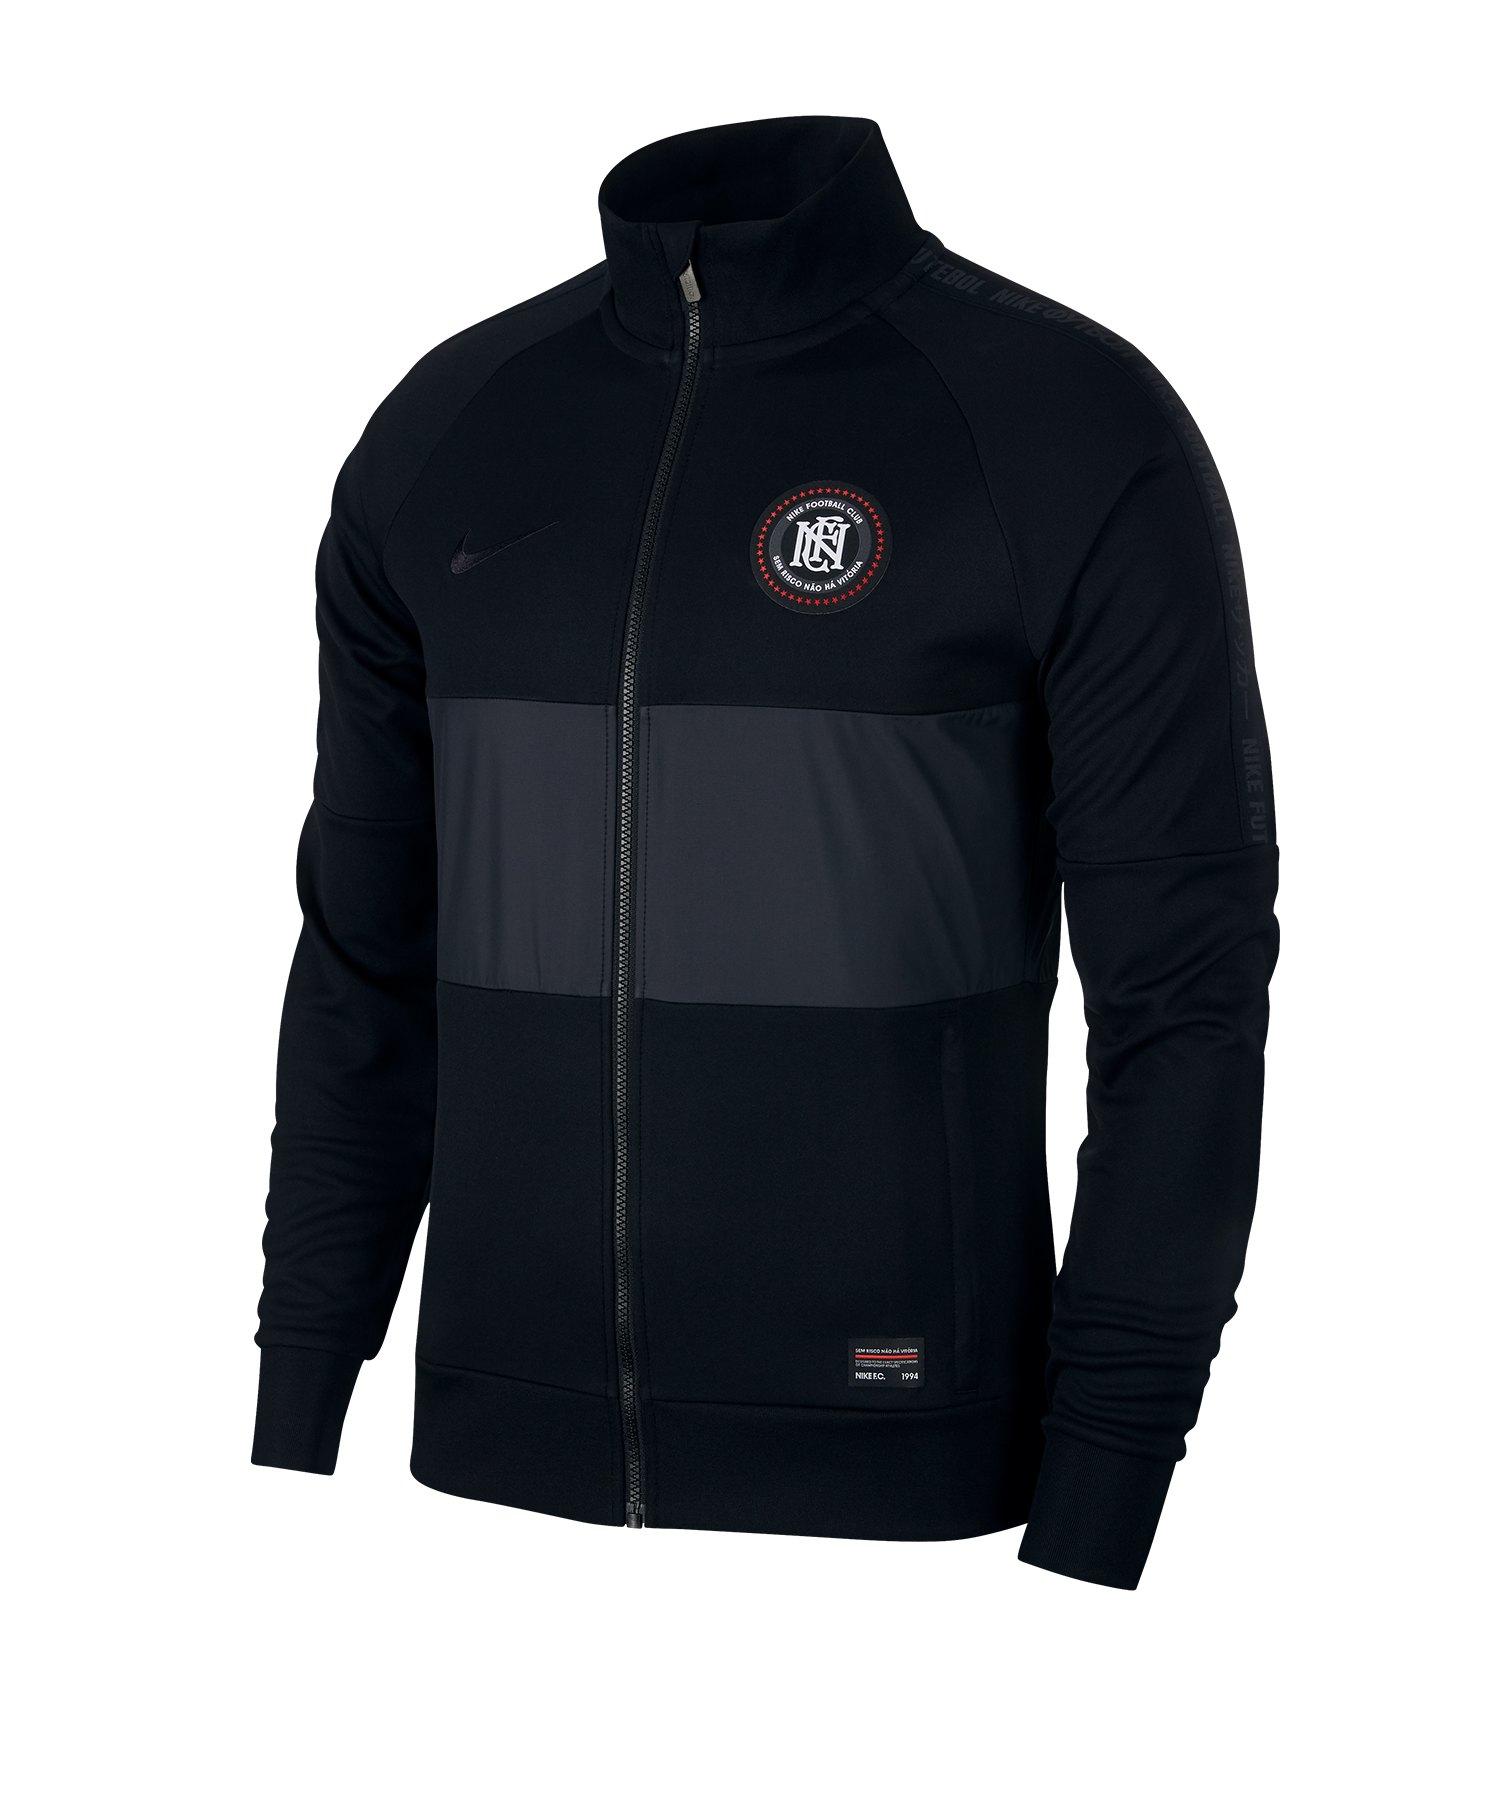 Nike F.C. Track Jacket Jacke Schwarz F010 - schwarz